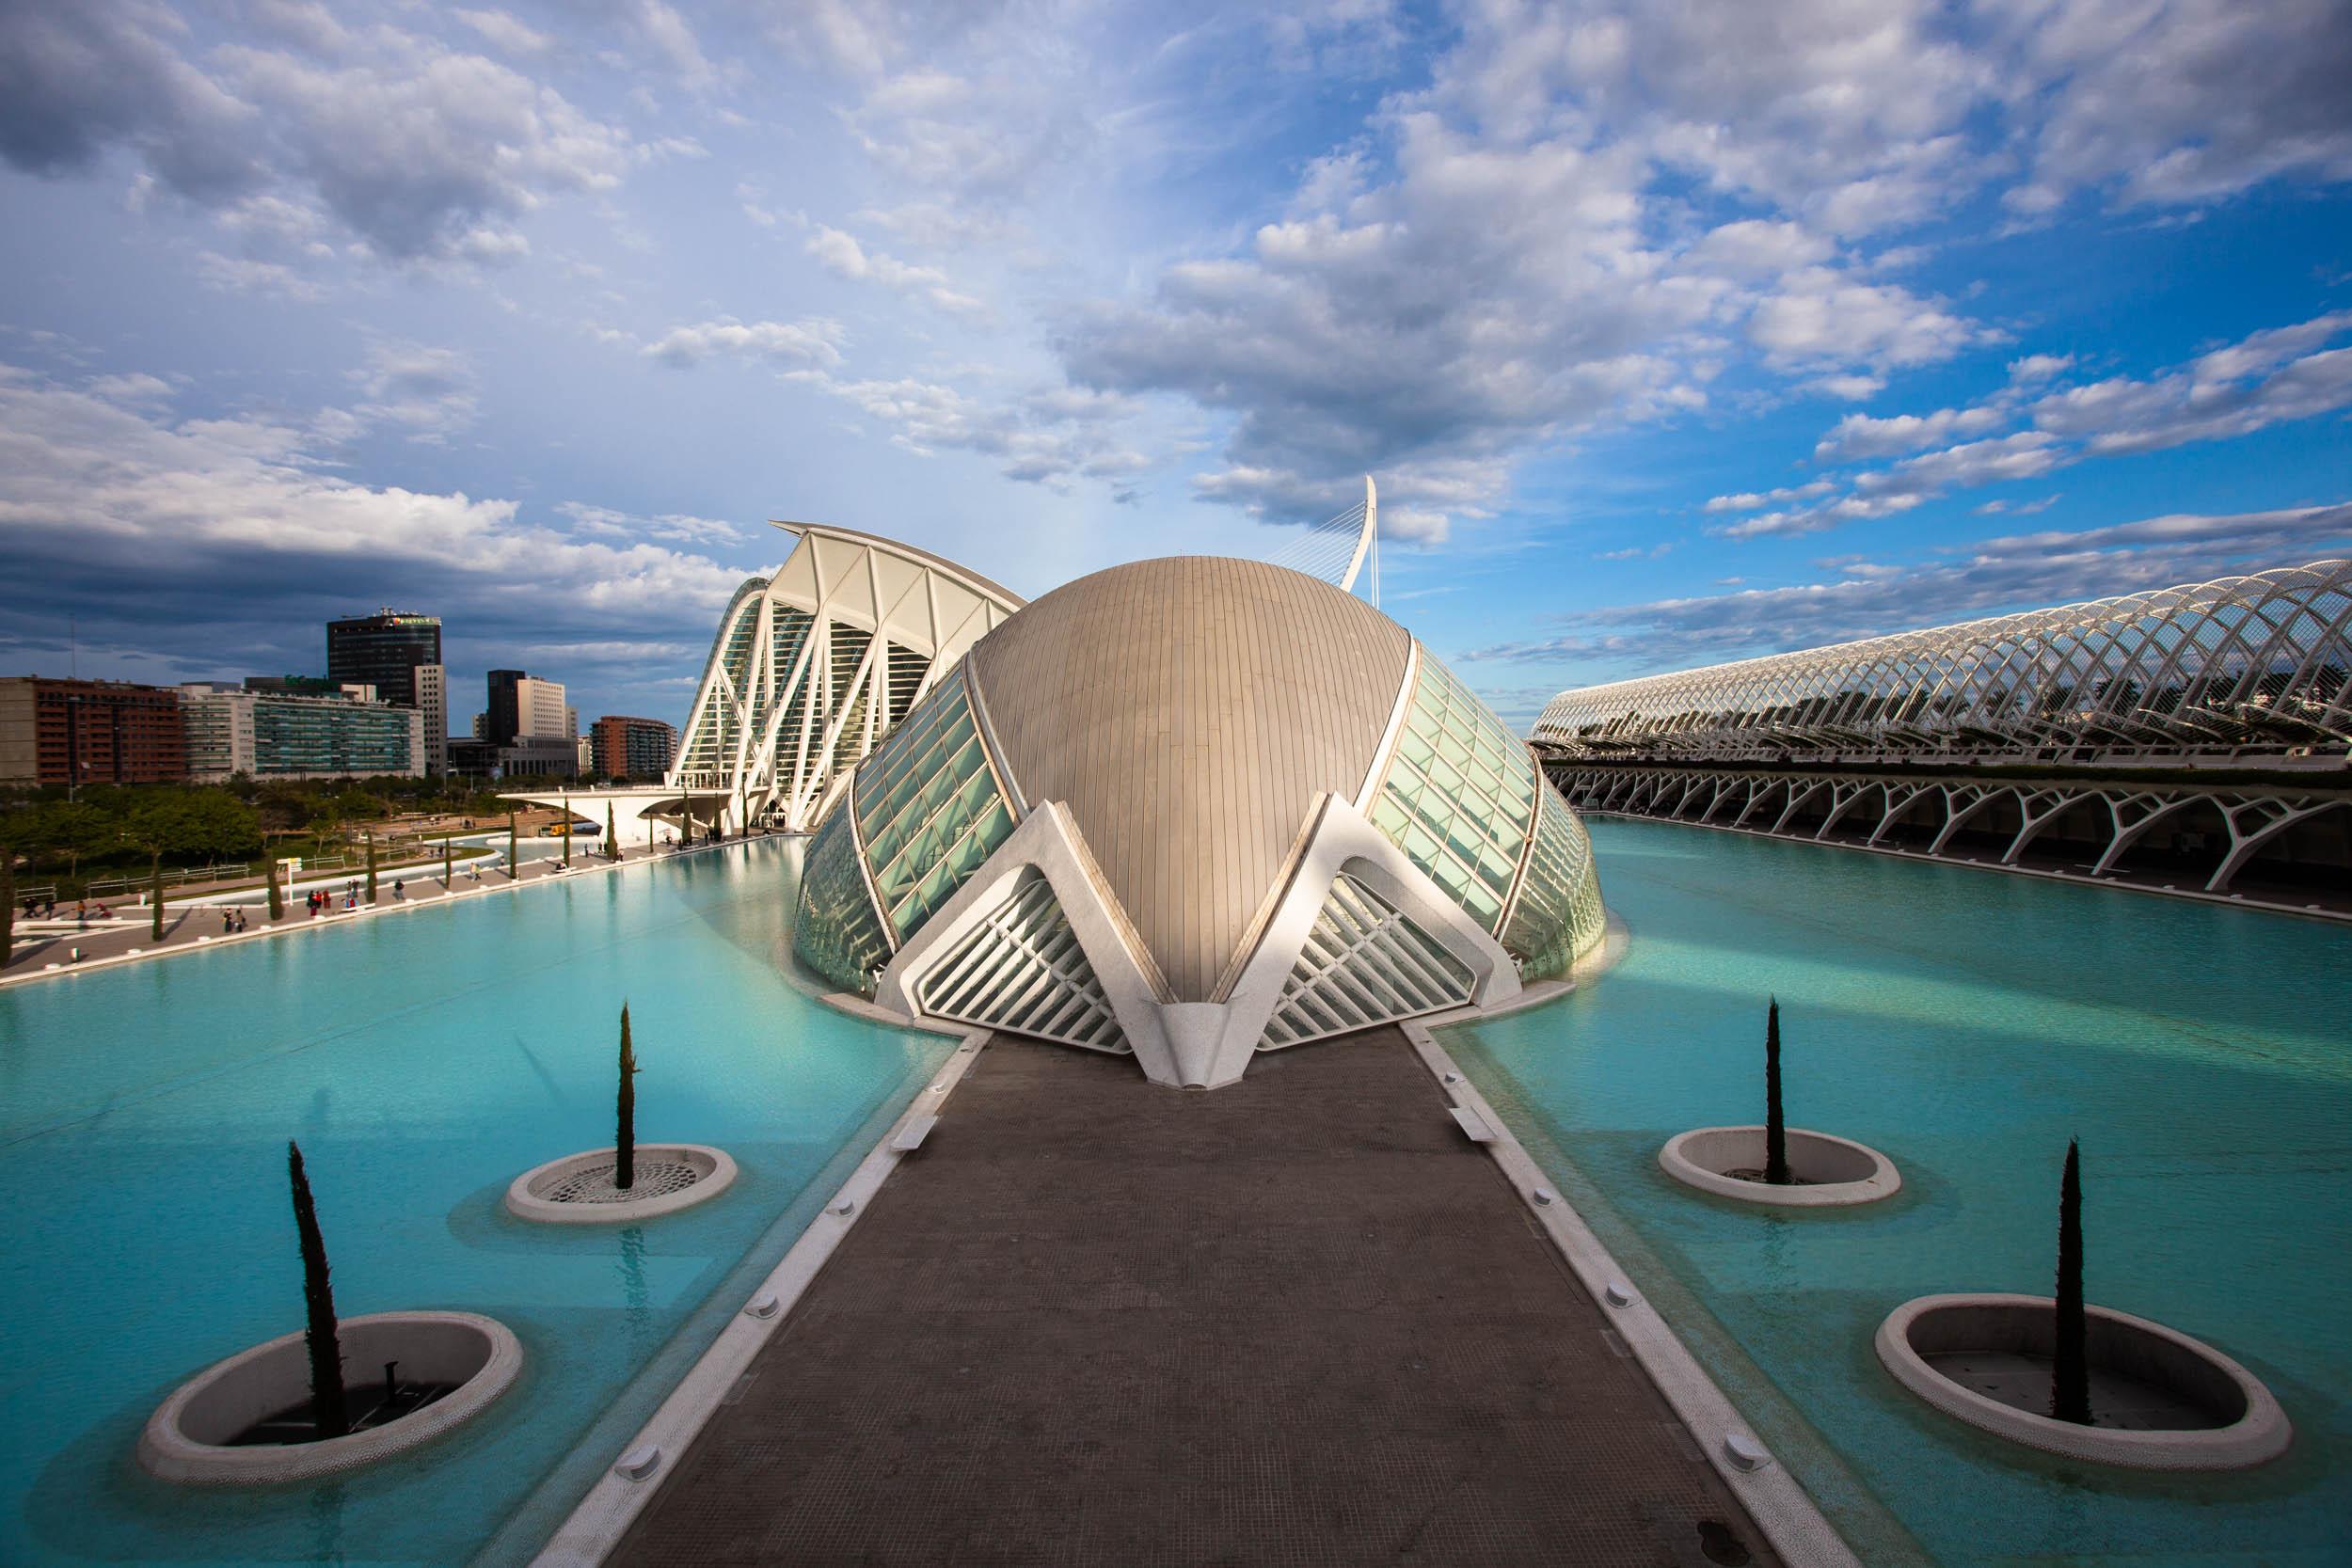 City of Arts & Sciences Valencia, Spain 2009